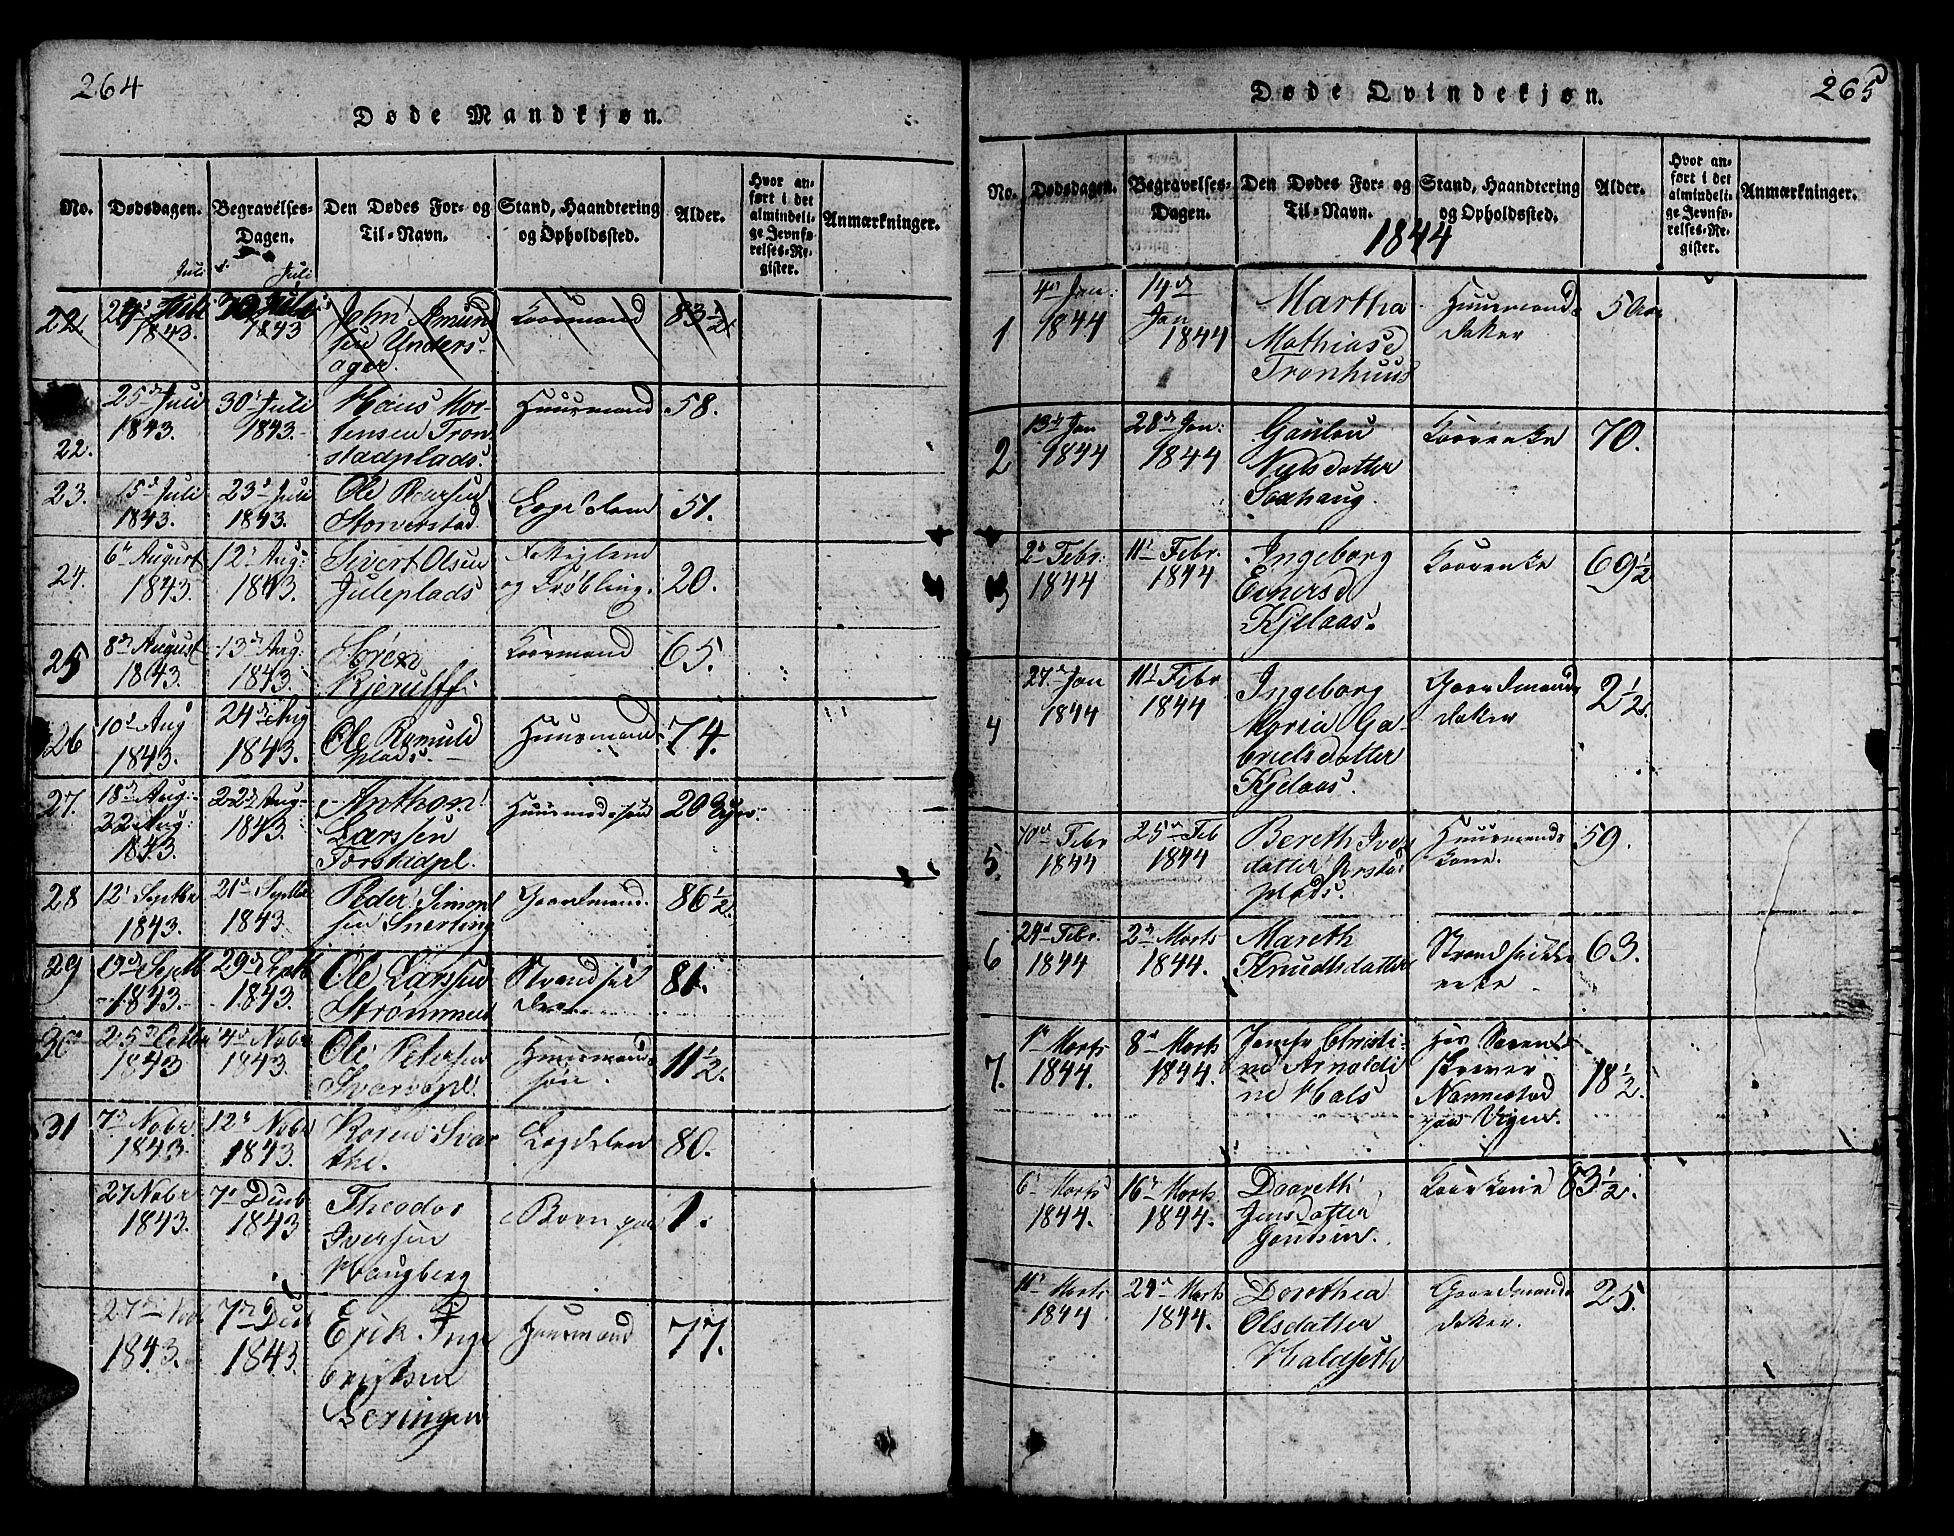 SAT, Ministerialprotokoller, klokkerbøker og fødselsregistre - Nord-Trøndelag, 730/L0298: Klokkerbok nr. 730C01, 1816-1849, s. 264-265